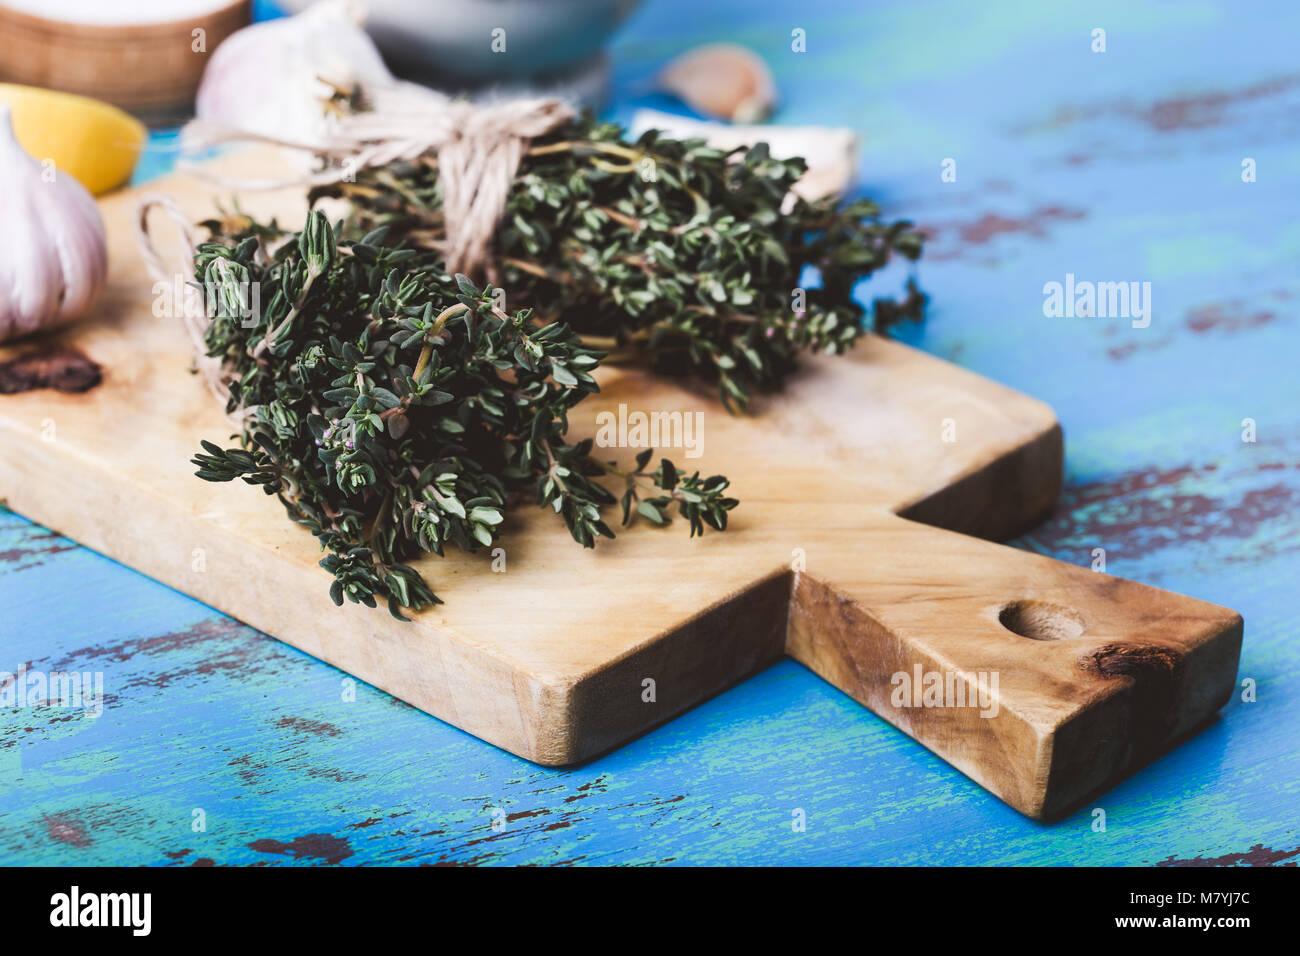 Bündel von Thymian, frischer Zitronen und Knoblauch auf Holz Schneidebrett. Zutaten der traditionellen mediterranen Stockbild